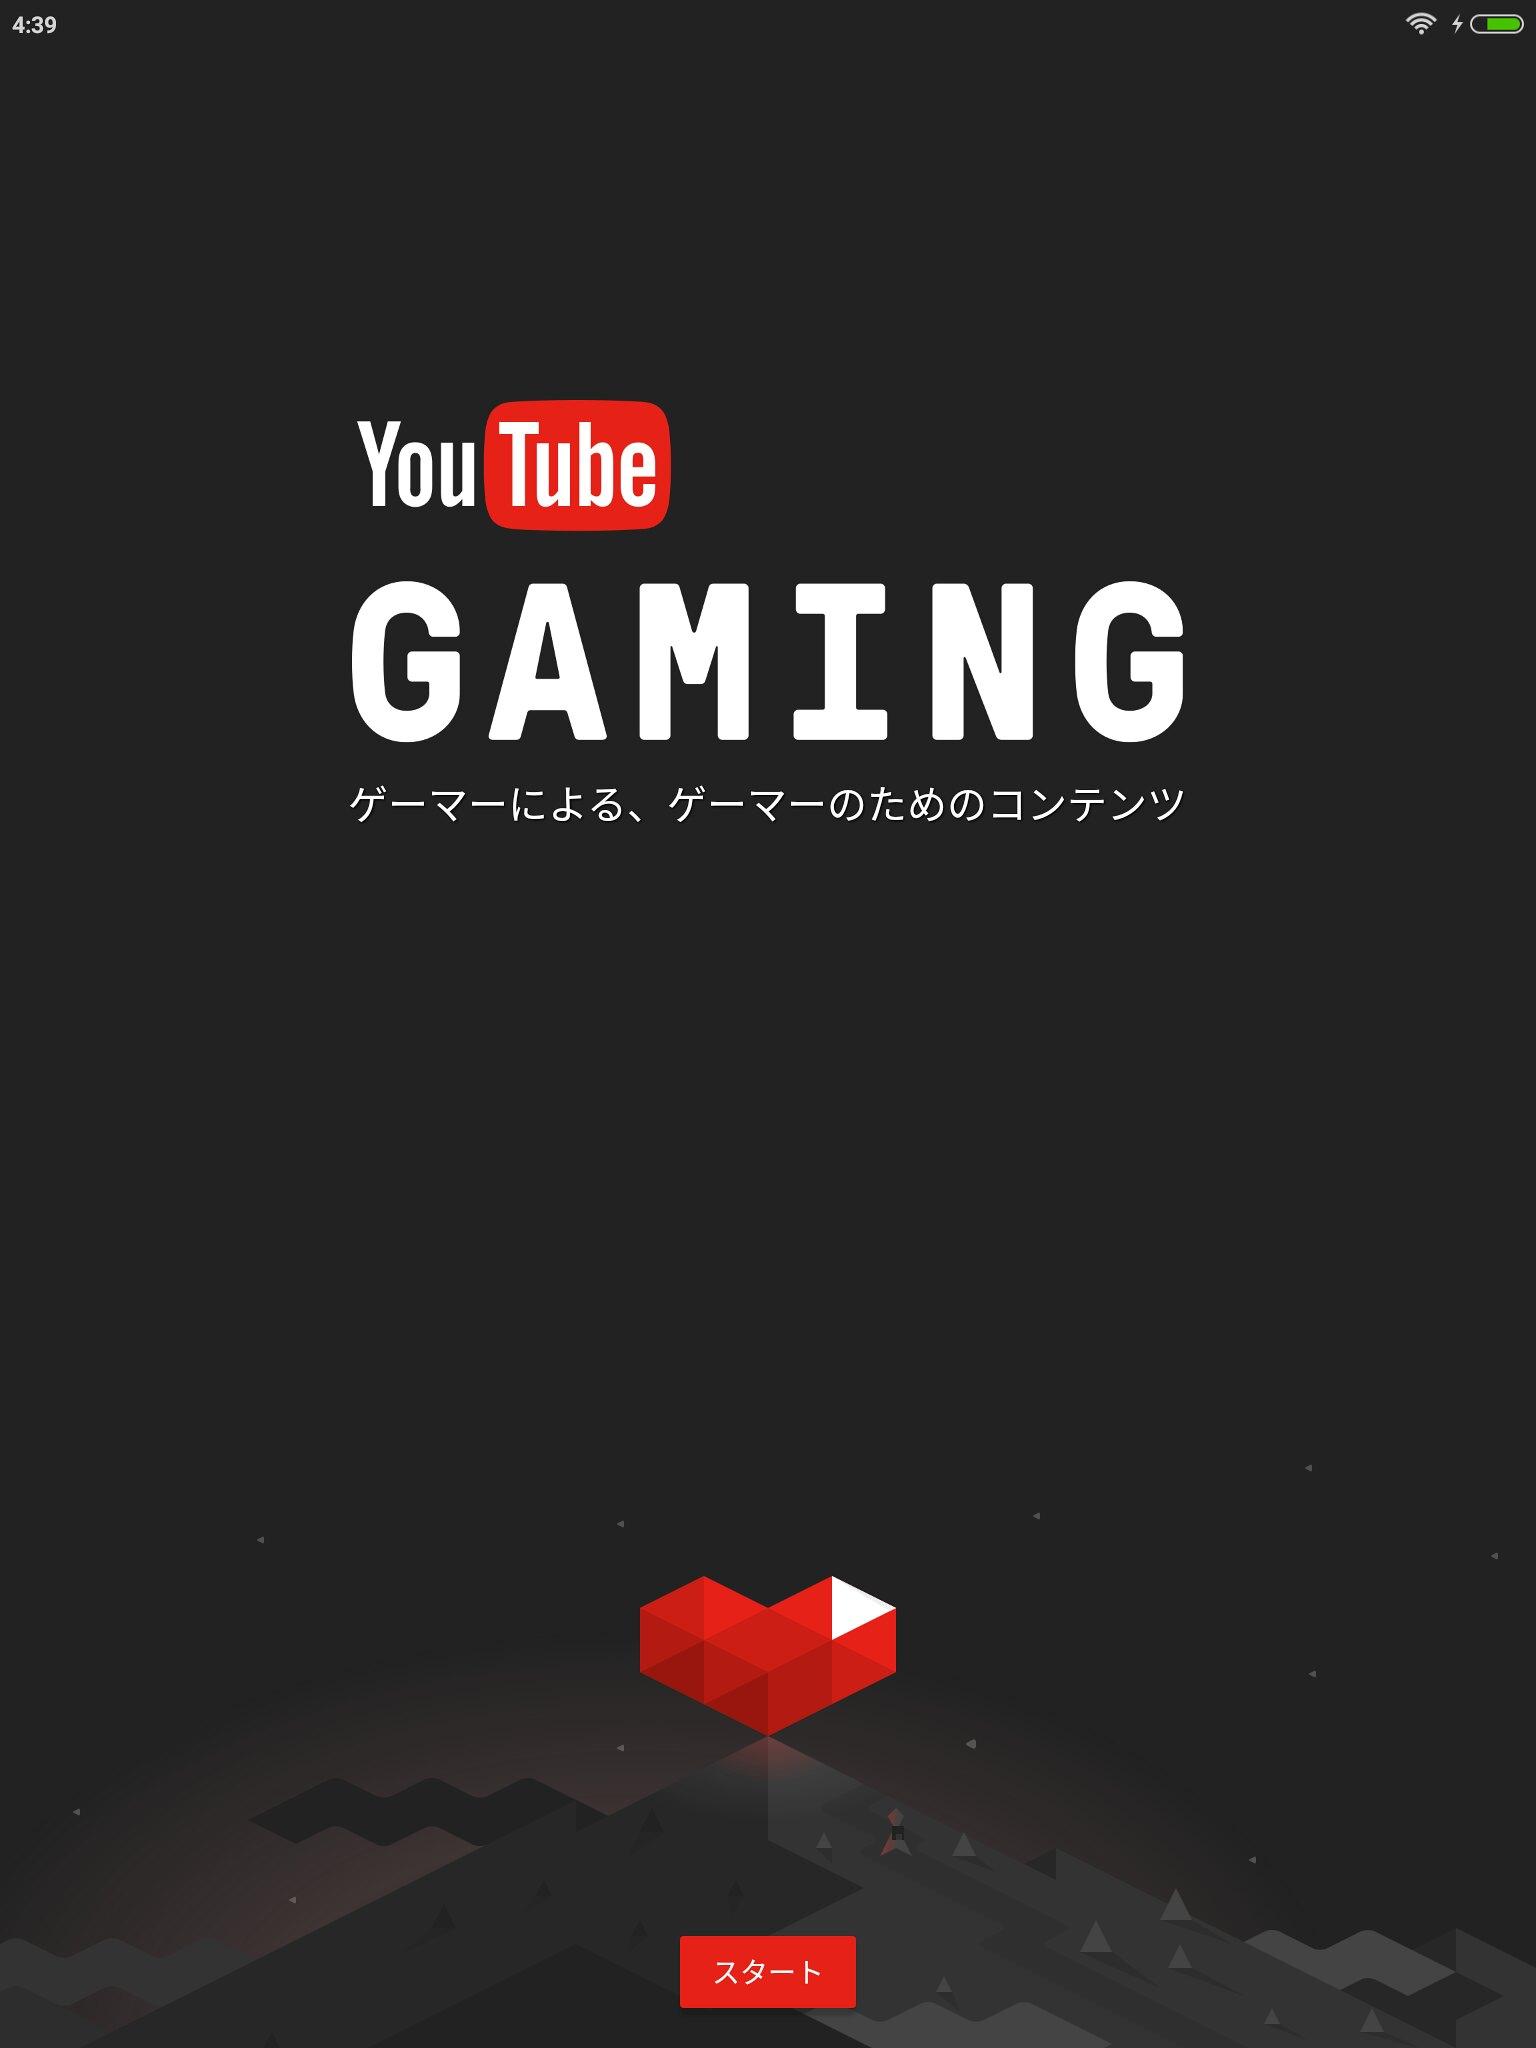 【完全版】YouTube Liveの配信のやり方や見方を詳 …